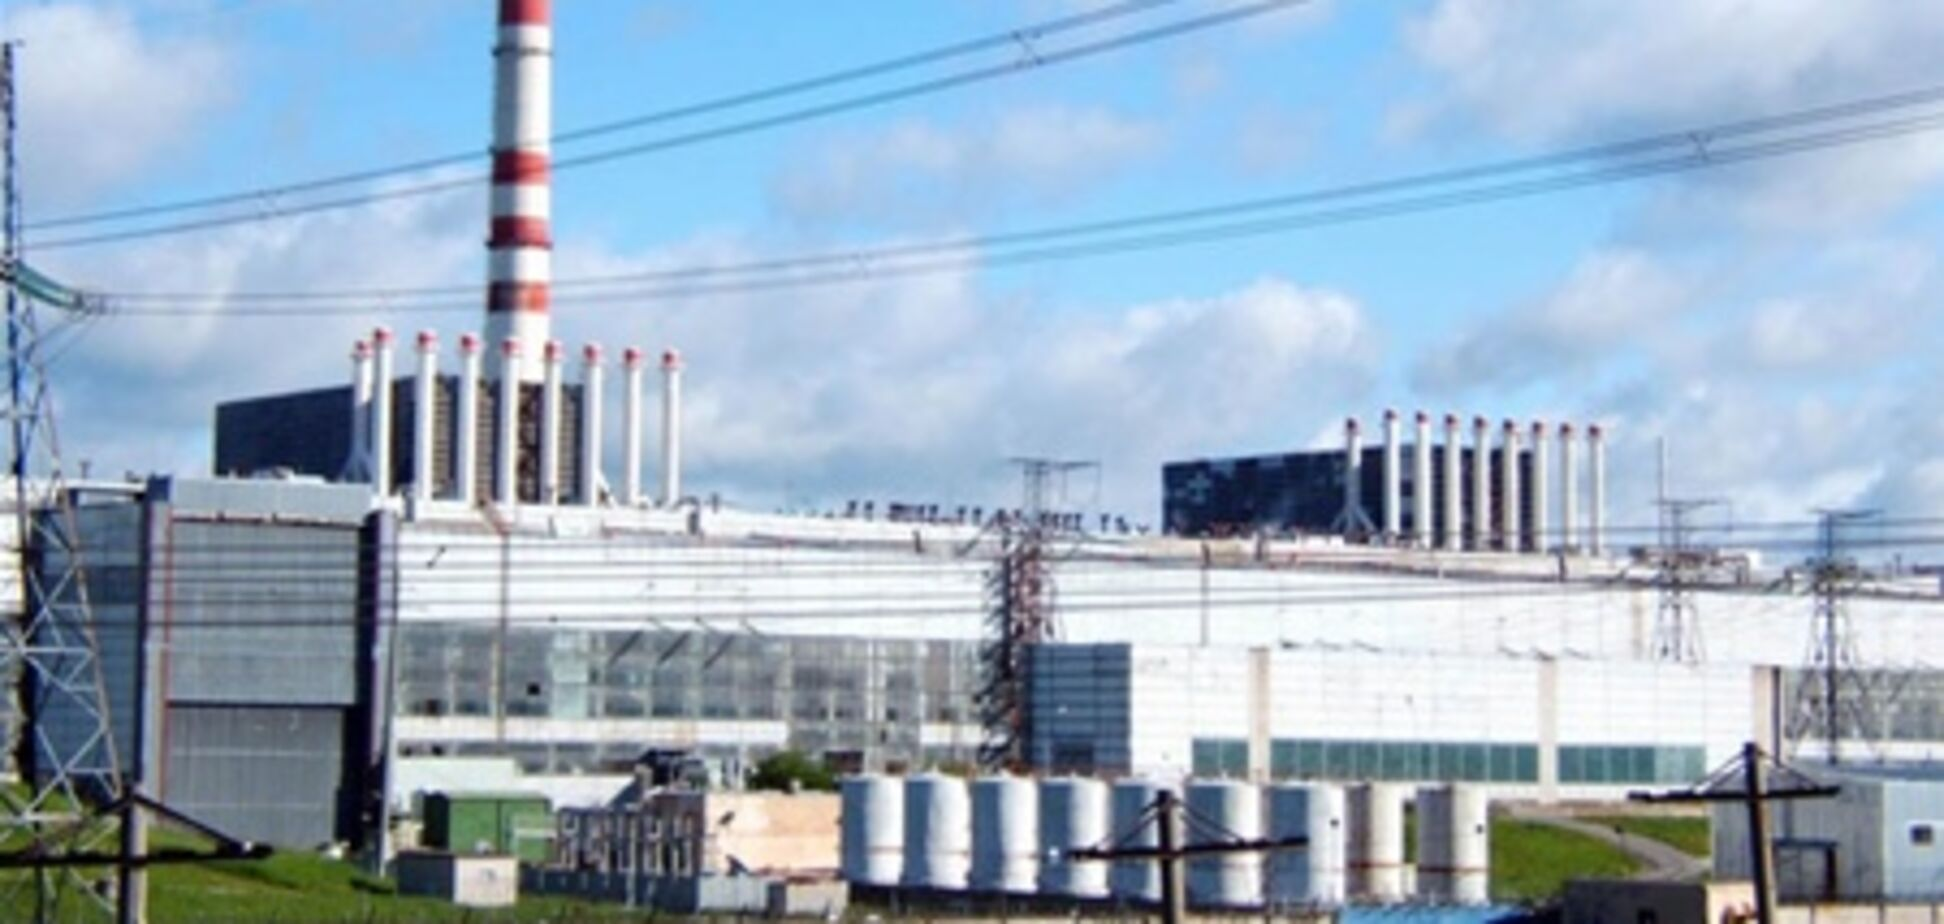 Из-за сборщиков металлолома упала мощность Запорожской АЭС